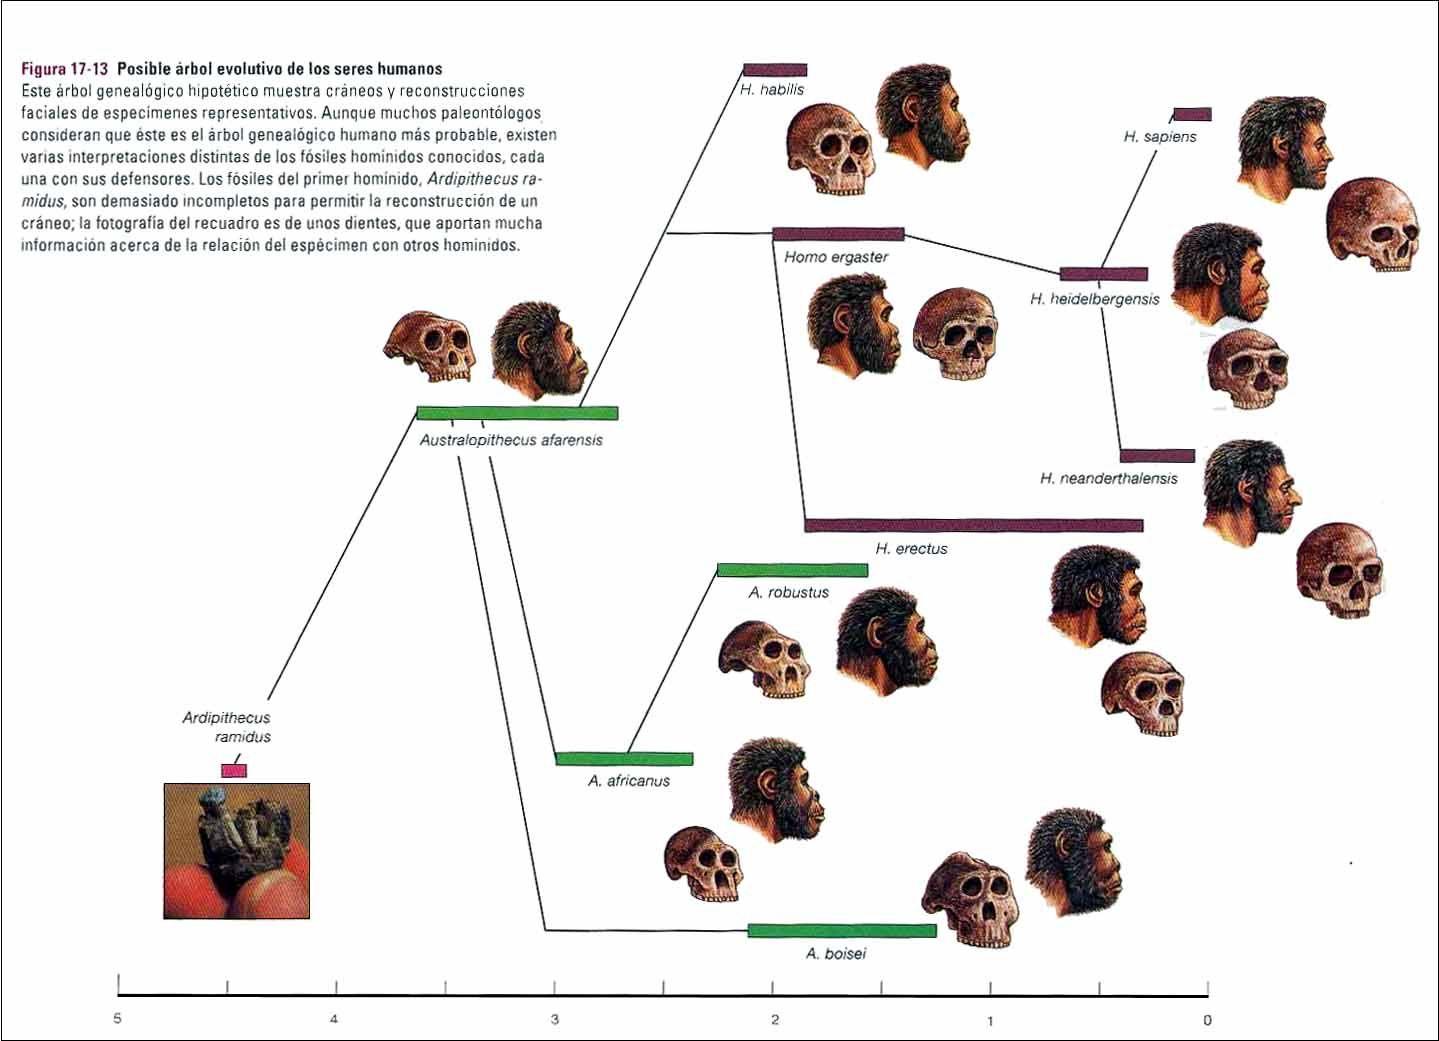 Arbol Genealogico Hominidos Buscar Con Google Hominidos Evolución Humana Evolucion